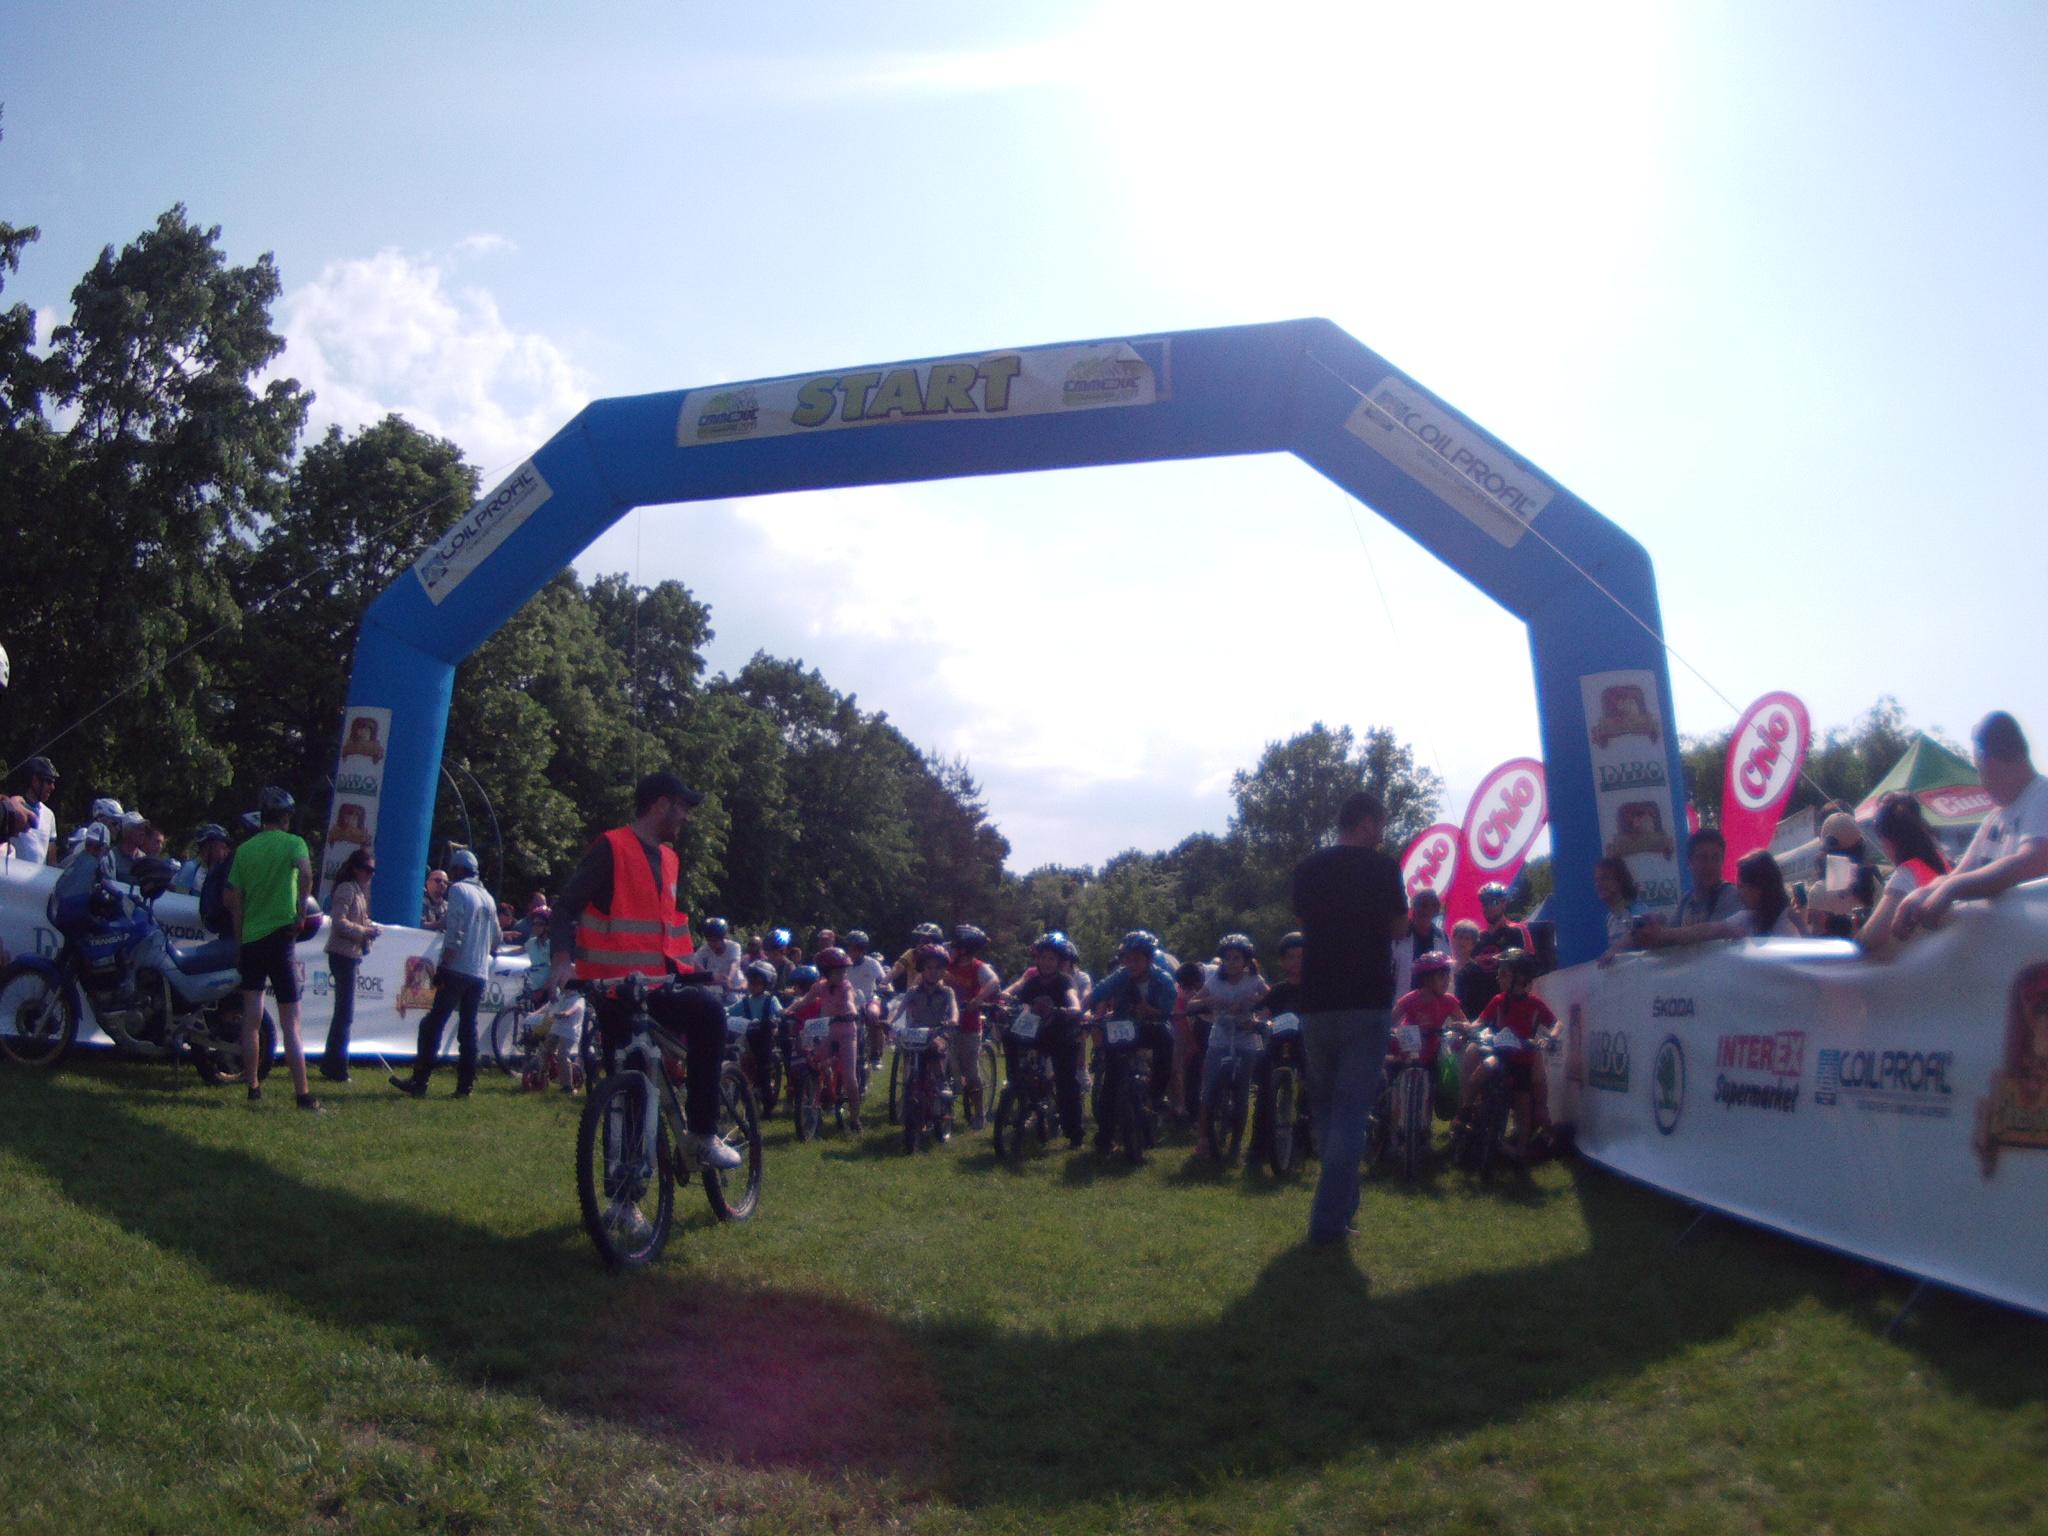 CONCURS Cupa EmmedueSport 2011, un pas mare